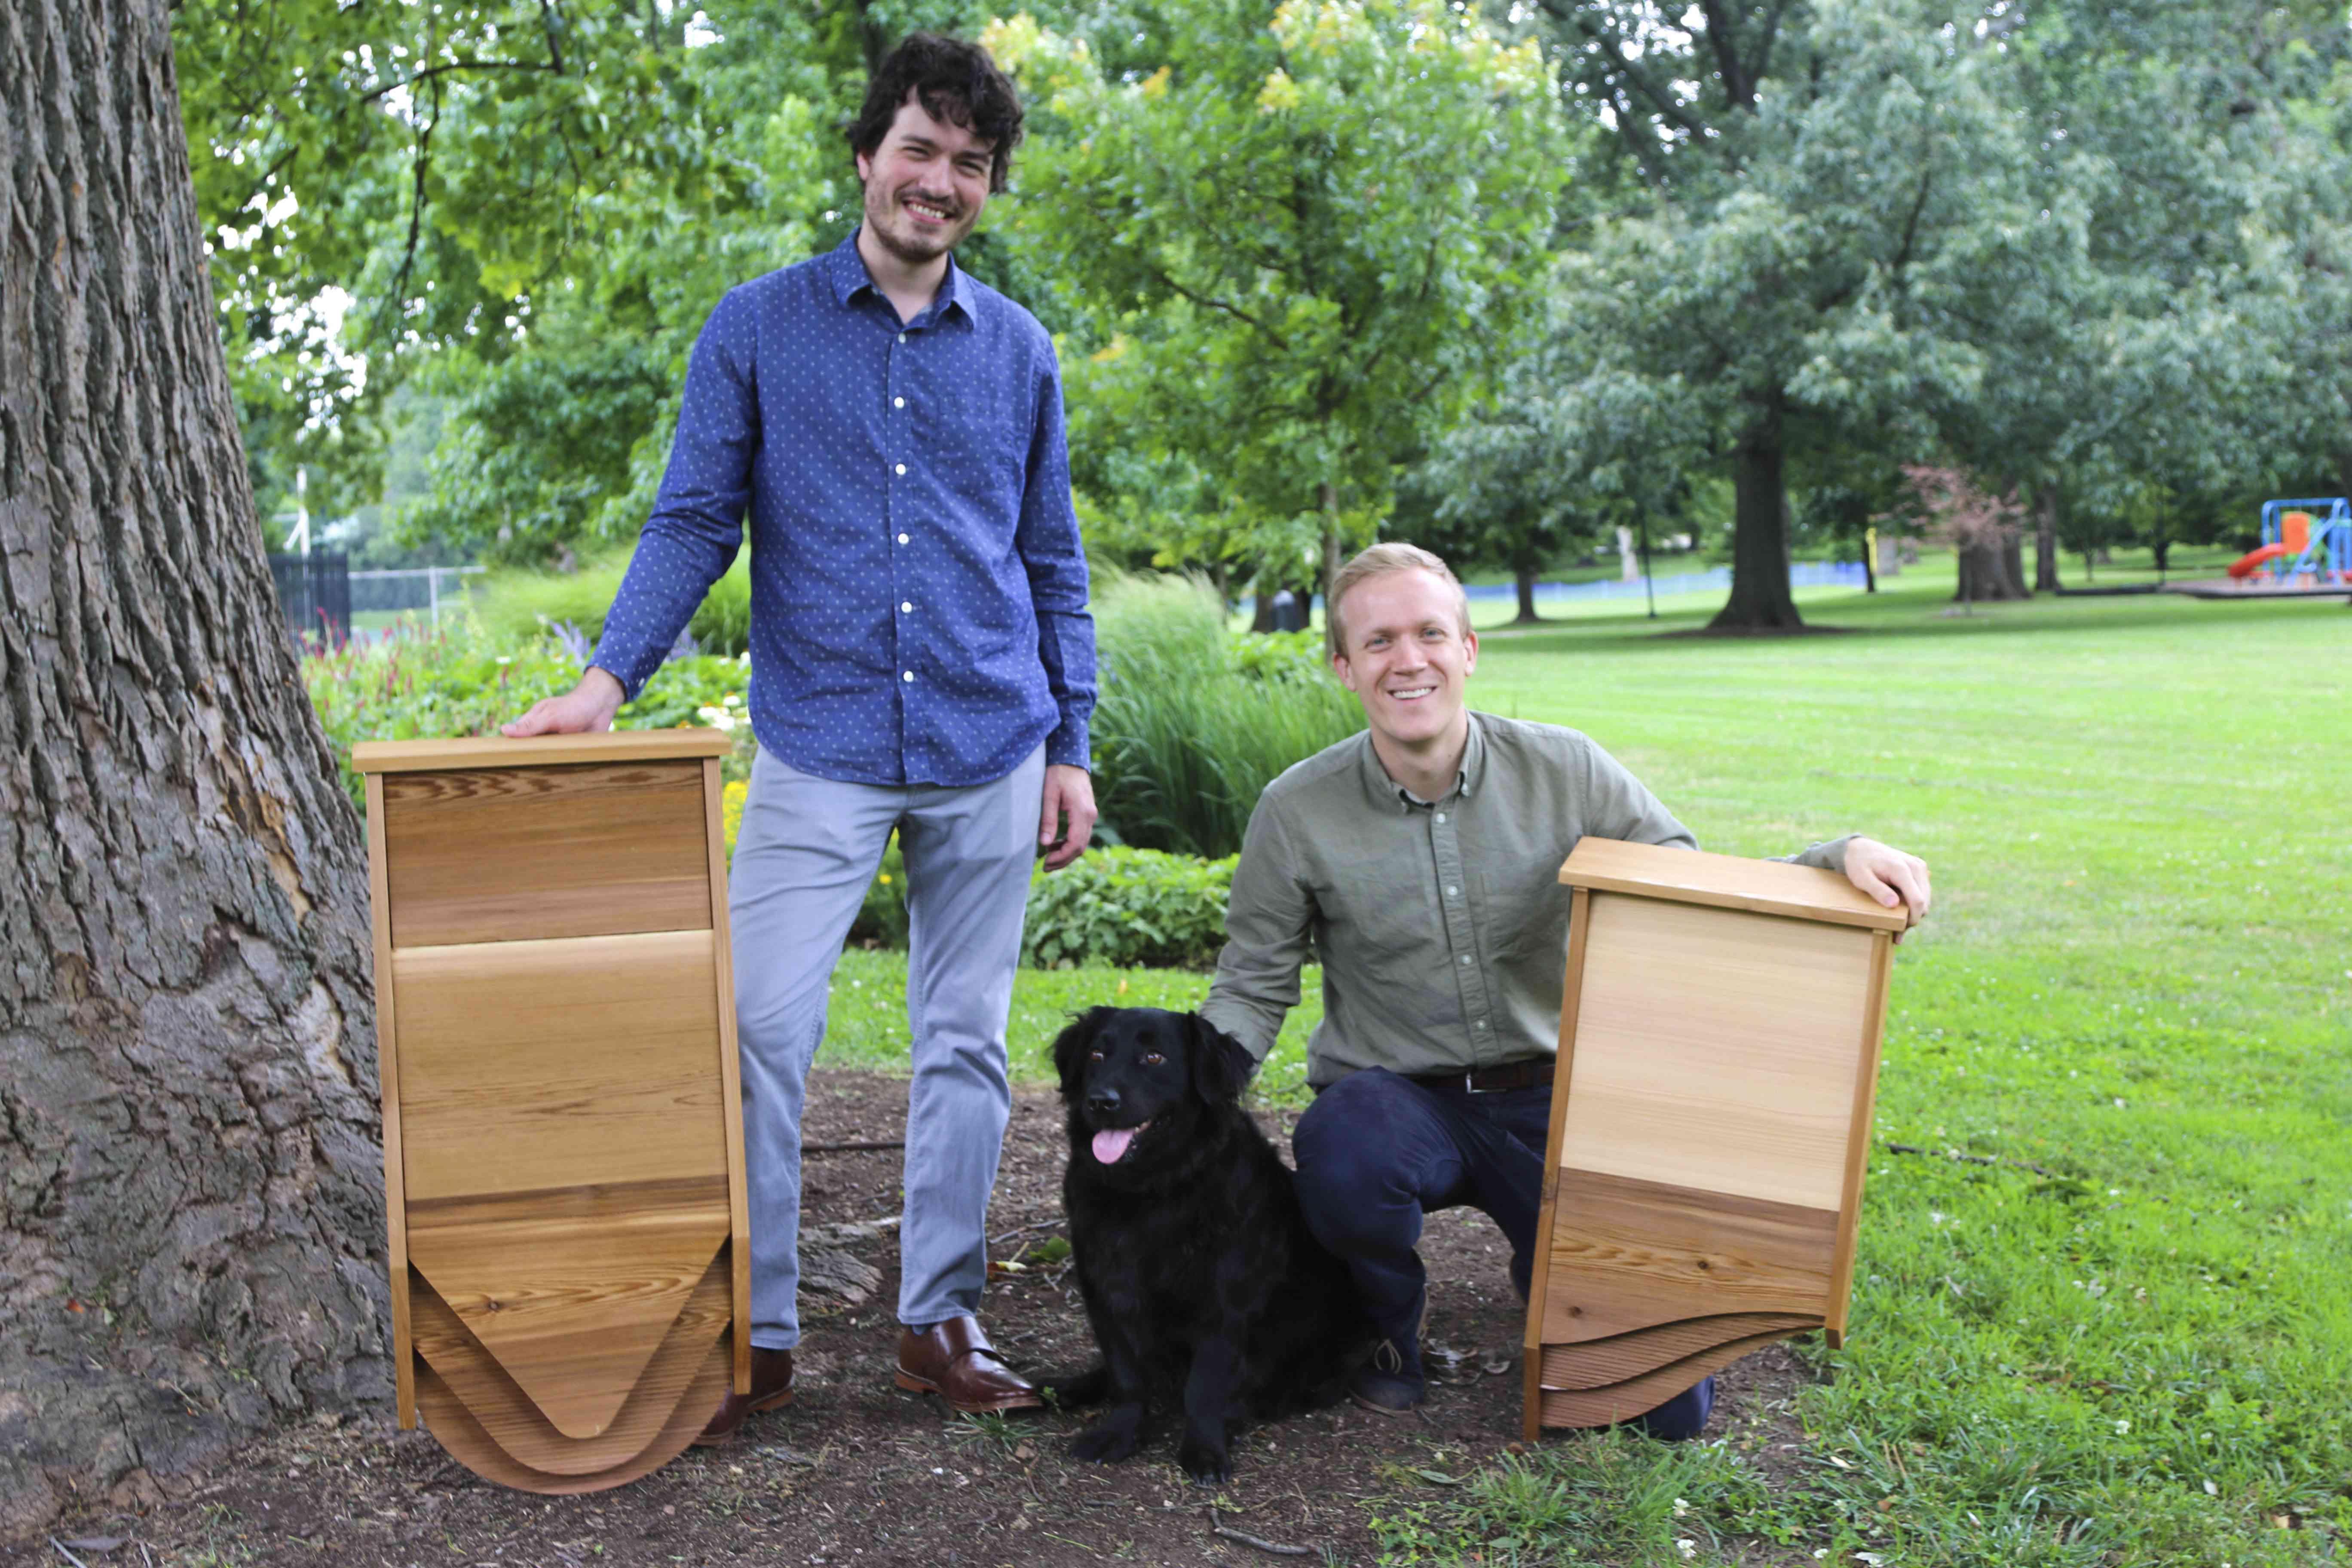 BatBnB co-founders Harrison Broadhurst, Chris Rannefors